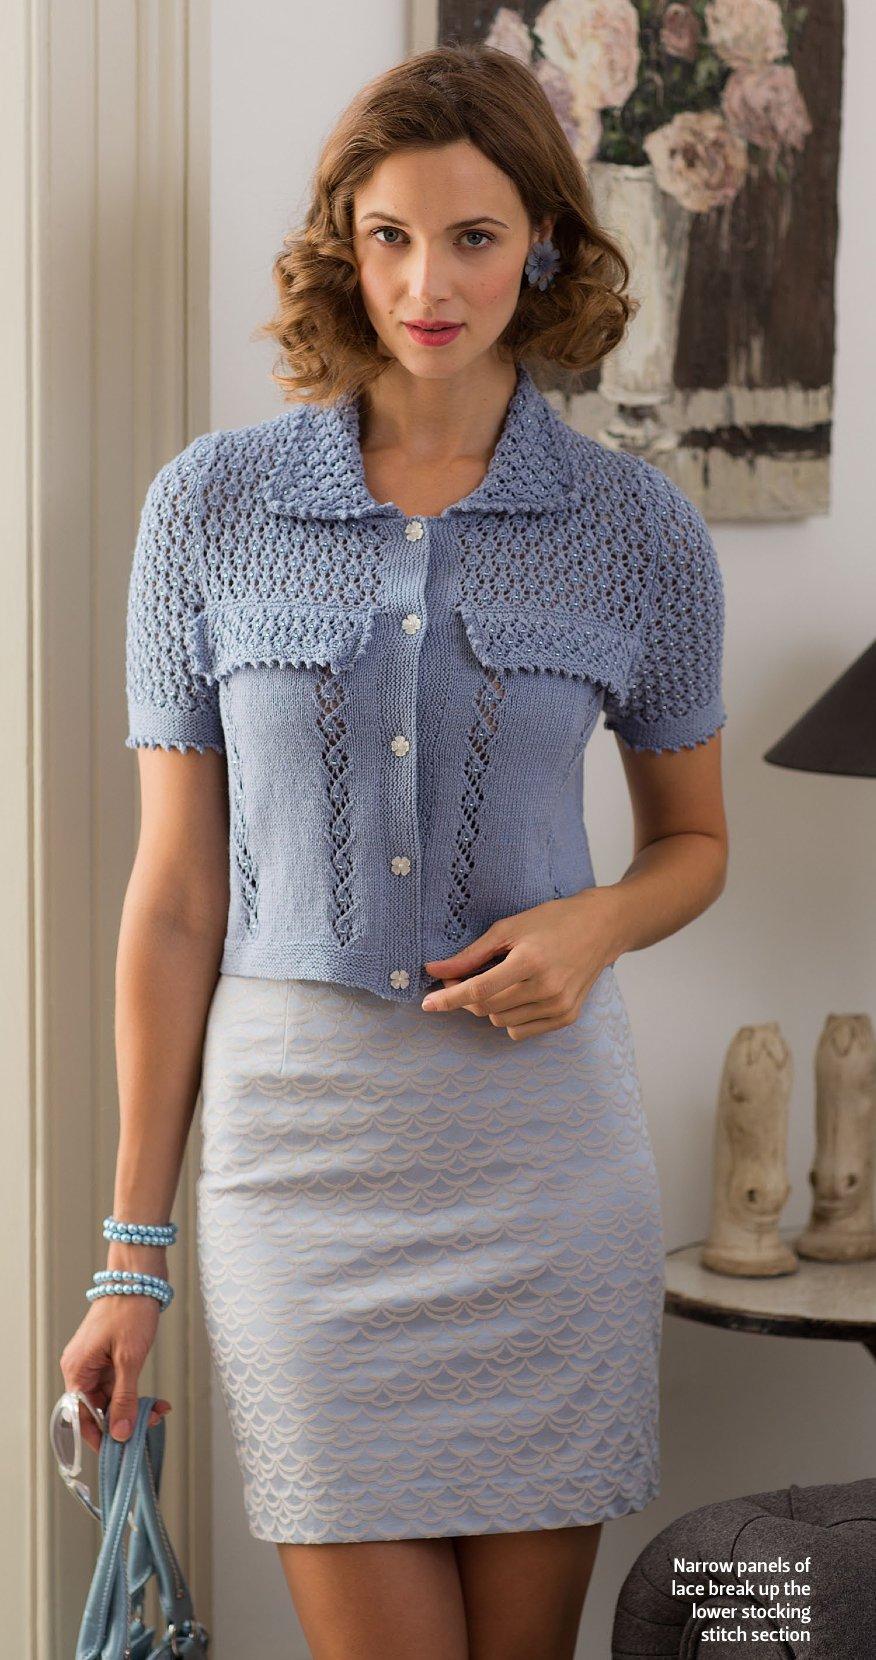 вязание кофточки спицами Rue De Rivoli The Knitter 57 вяжиру